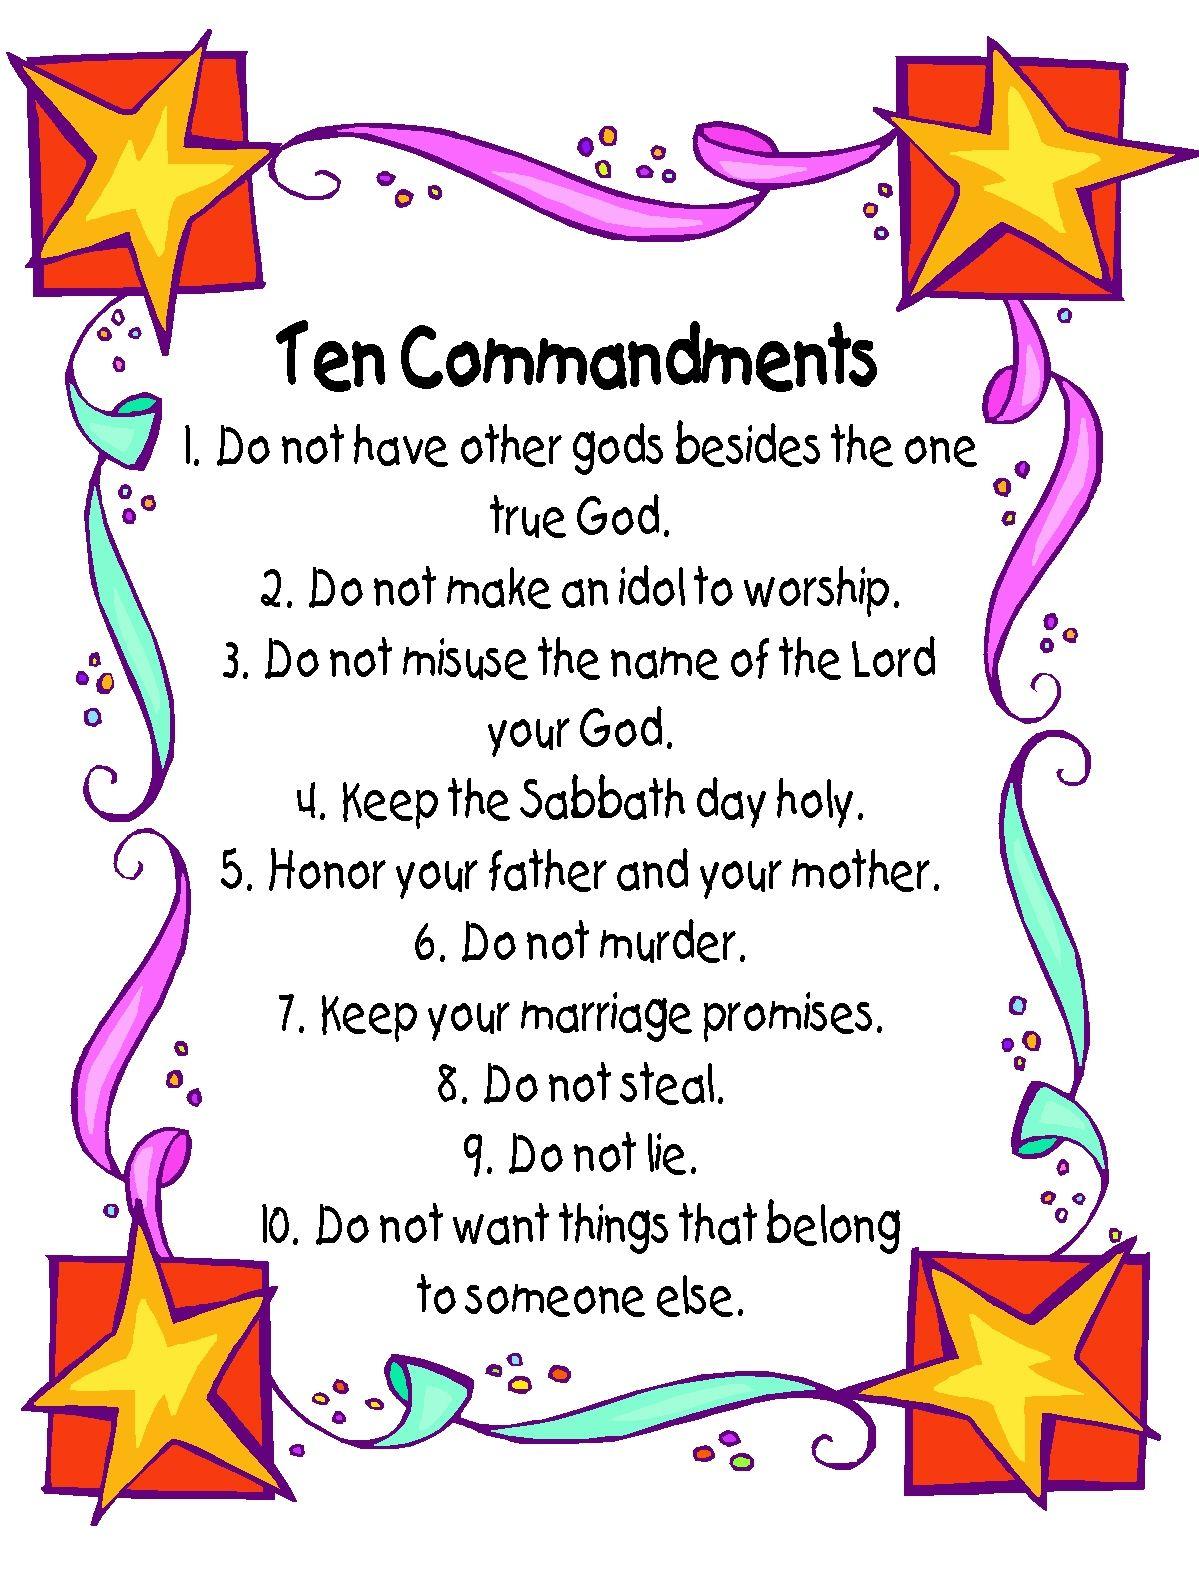 photo regarding 10 Commandments Poster Printable named 10 Commandments Poster Develop inside Christ! 10 commandments